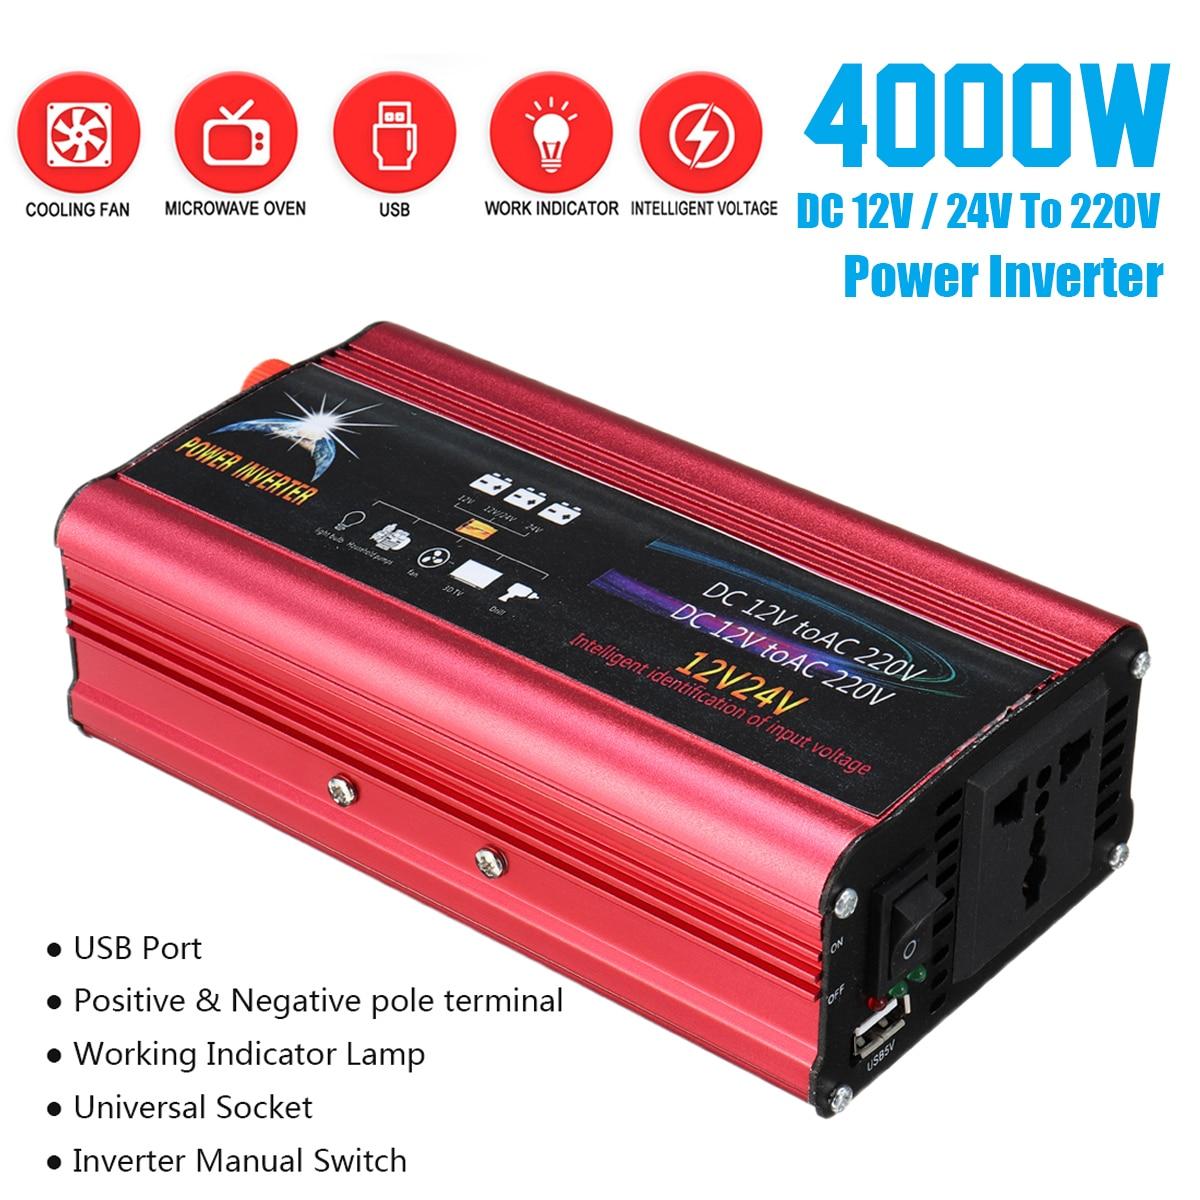 Синусоида Мощность инвертор Напряжение трансформатор P ЕАК 4000 Вт DC12/24 В до 220 В модифицированный автомобиль Зарядное устройство преобразова...